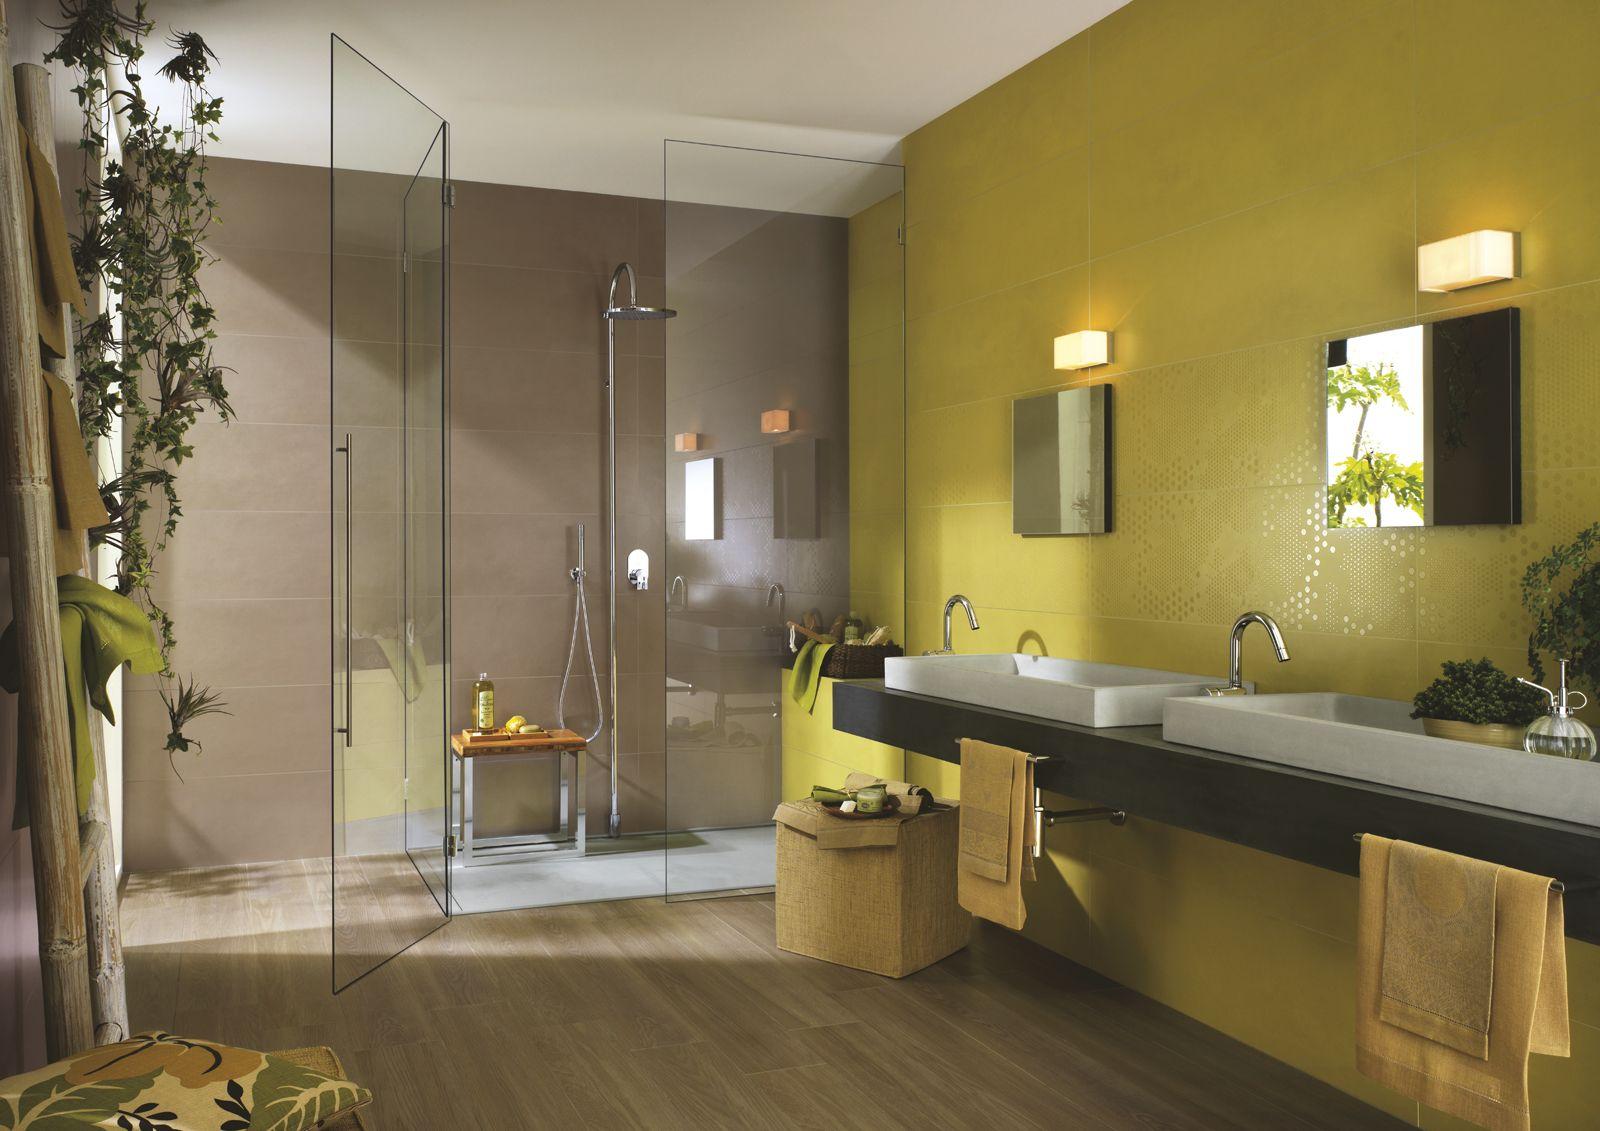 Bagno rosa ~ Galleria foto piastrelle colorate per bagni moderni foto 66